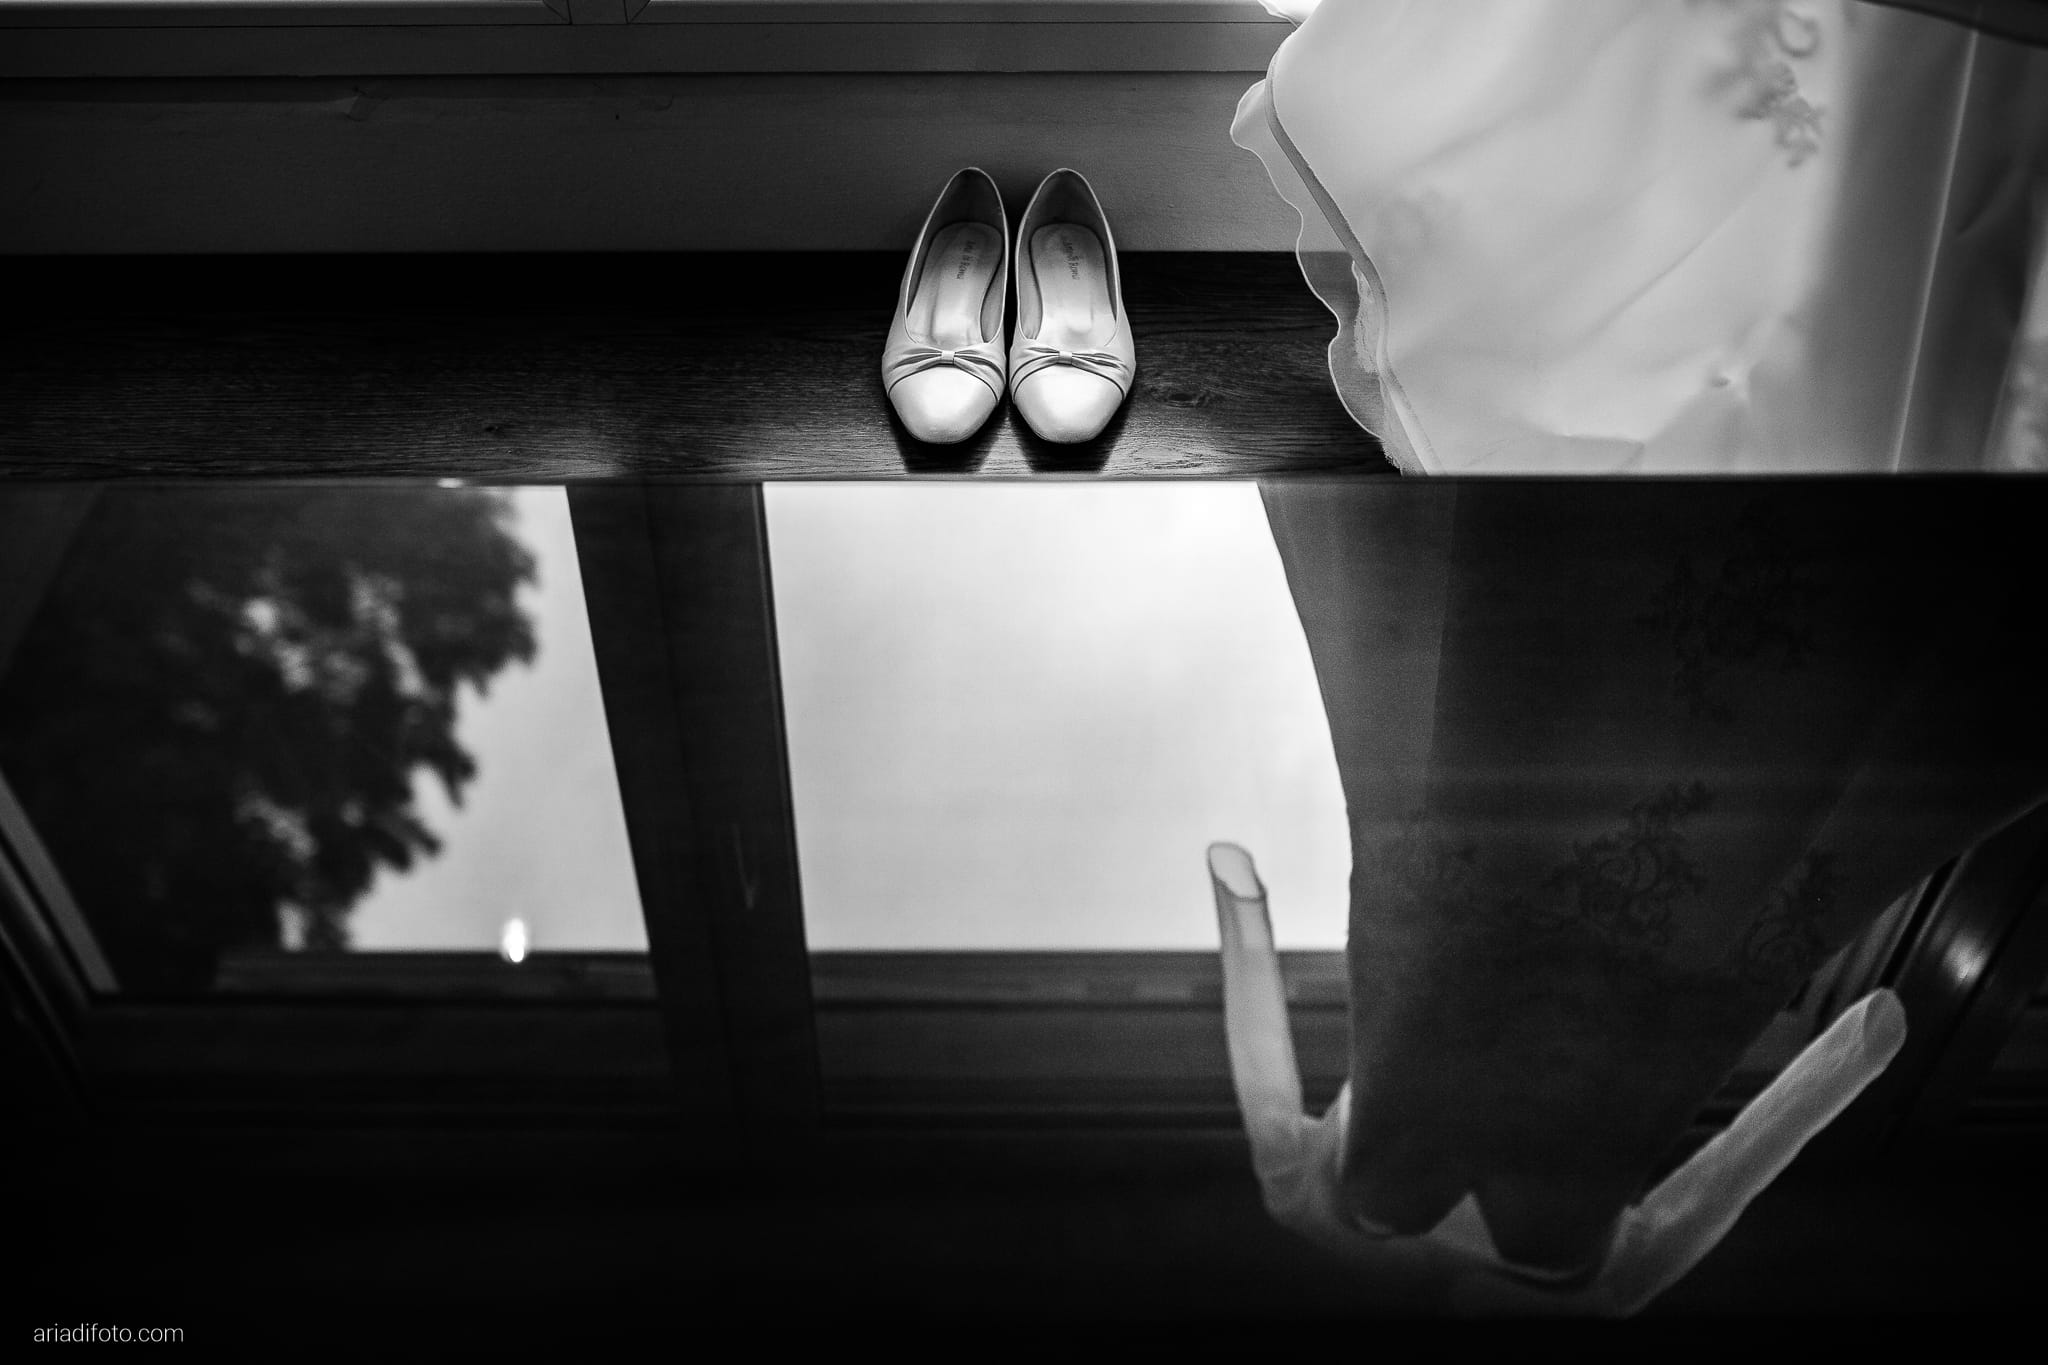 Magdalena Massimo Matrimonio Ristorante Le Terrazze Riviera Trieste preparativi dettagli scarpe abito riflesso